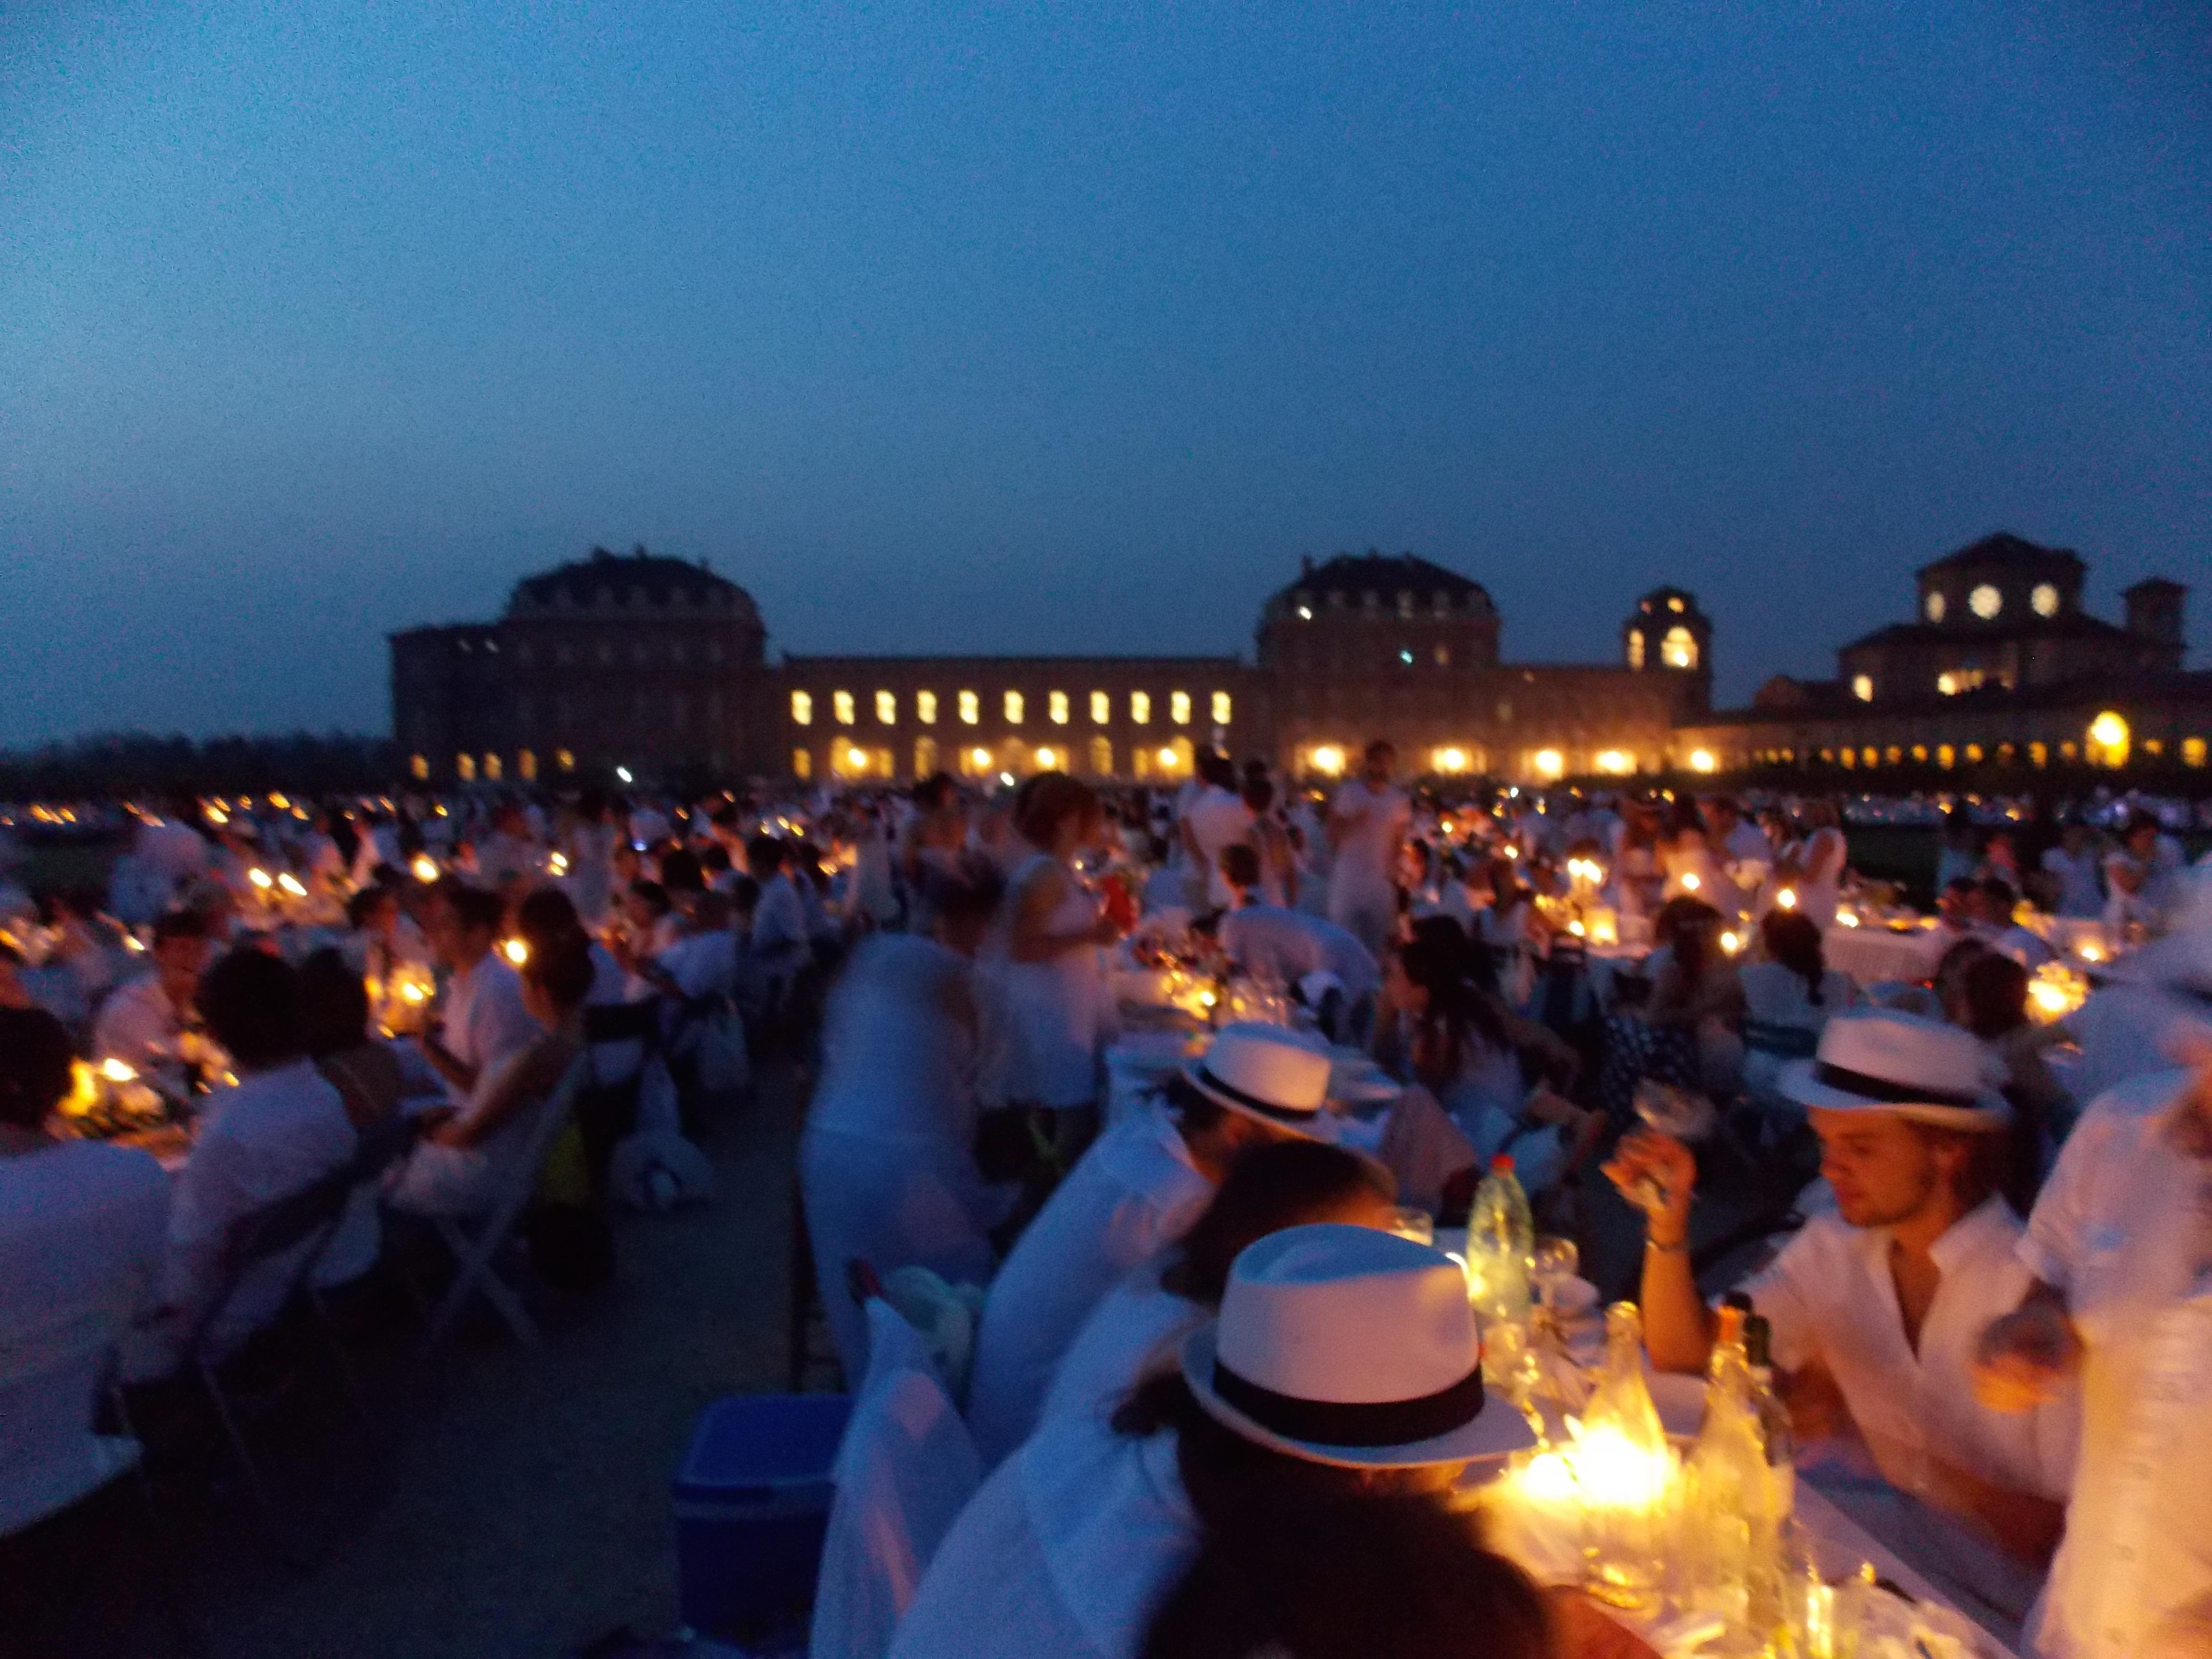 La mia Cena in Bianco a Torino anno 2015